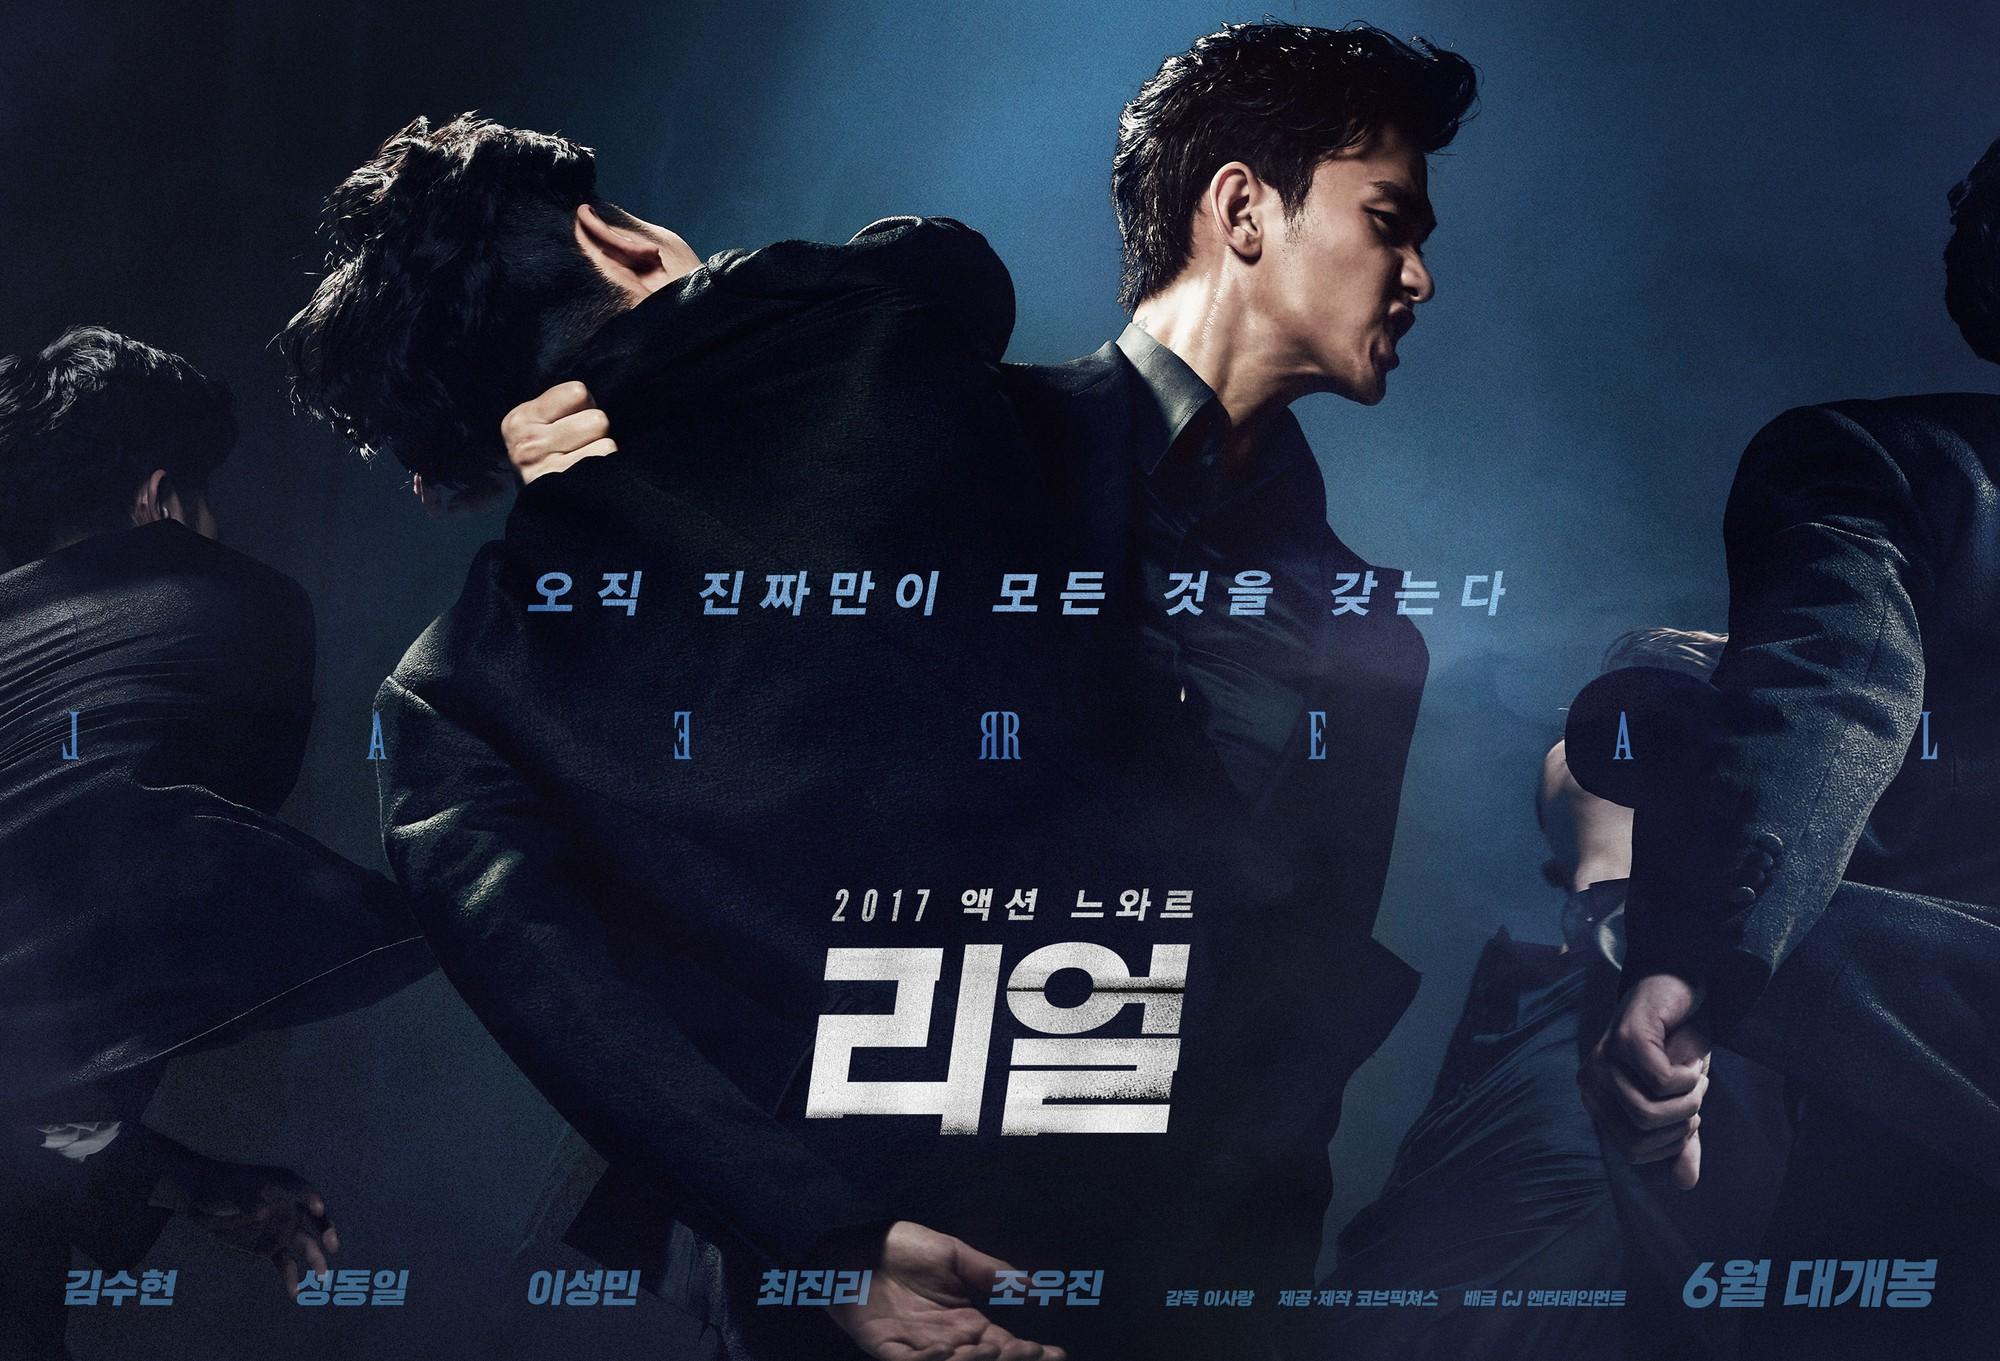 Biệt tích khỏi màn ảnh vì nhập ngũ, ví tiền của trai đẹp ngoài hành tinh Kim Soo Hyun vẫn siêu to khổng lồ nhờ điều này - Ảnh 5.